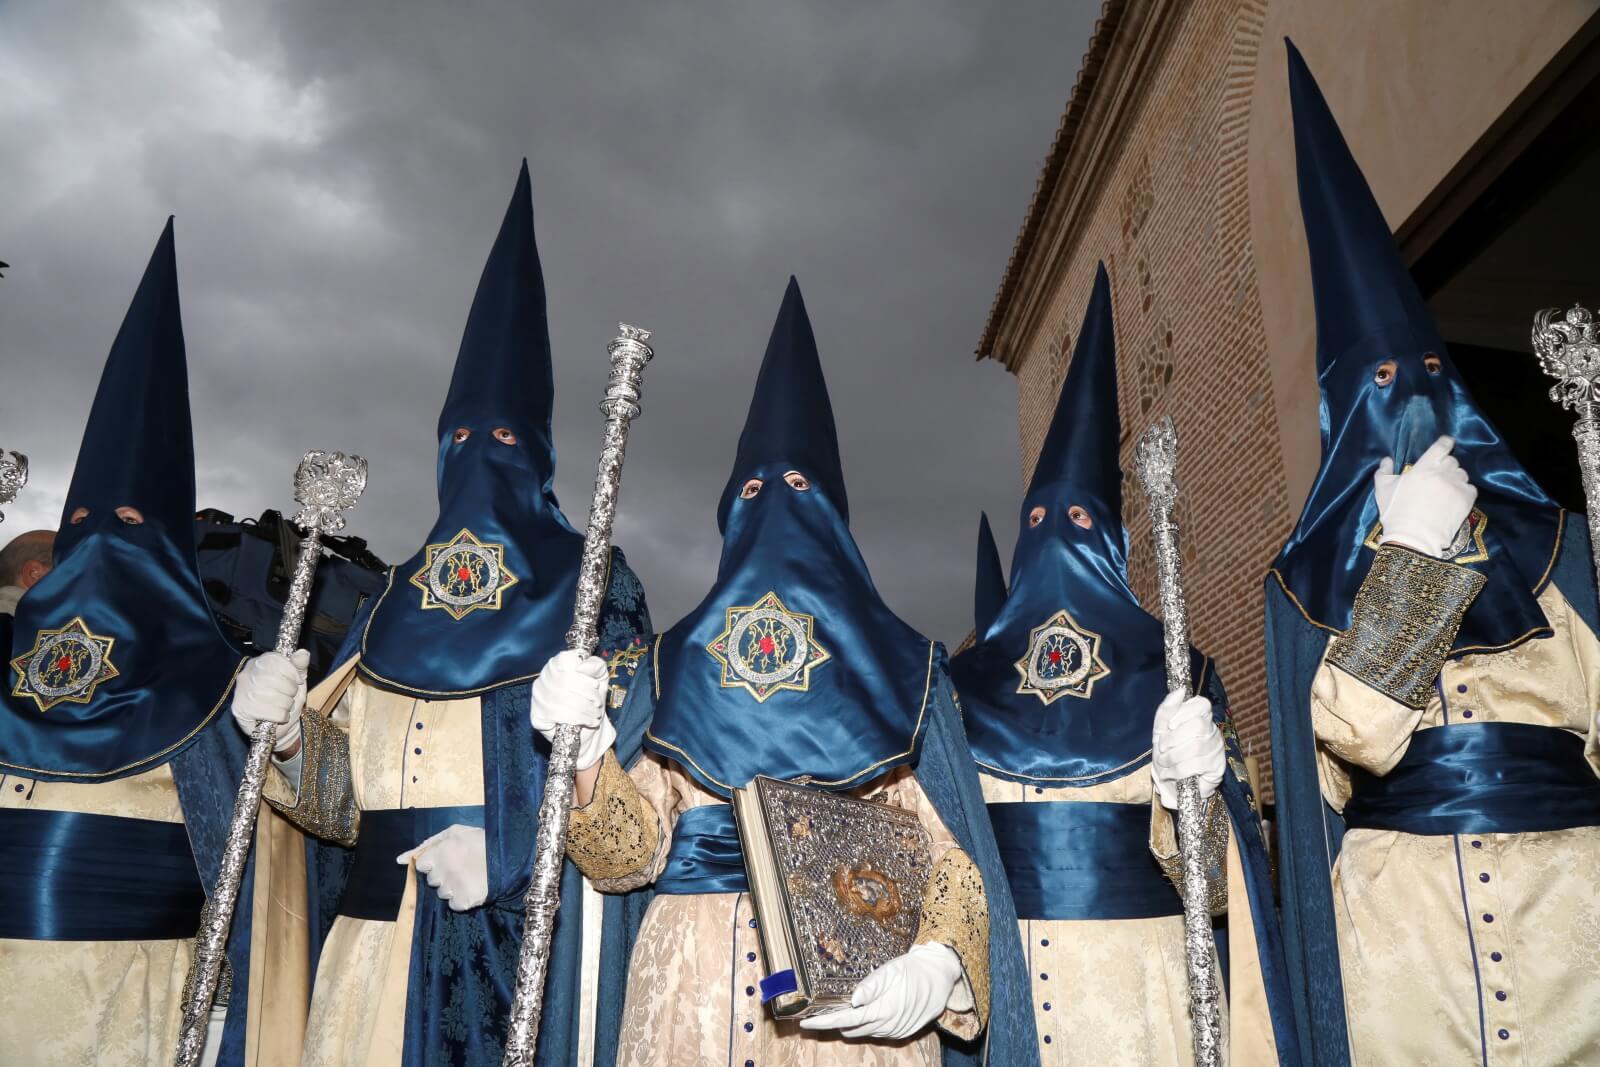 Wielkosobotnia procesja w Granadzie fot. EPA/Pepe Torres